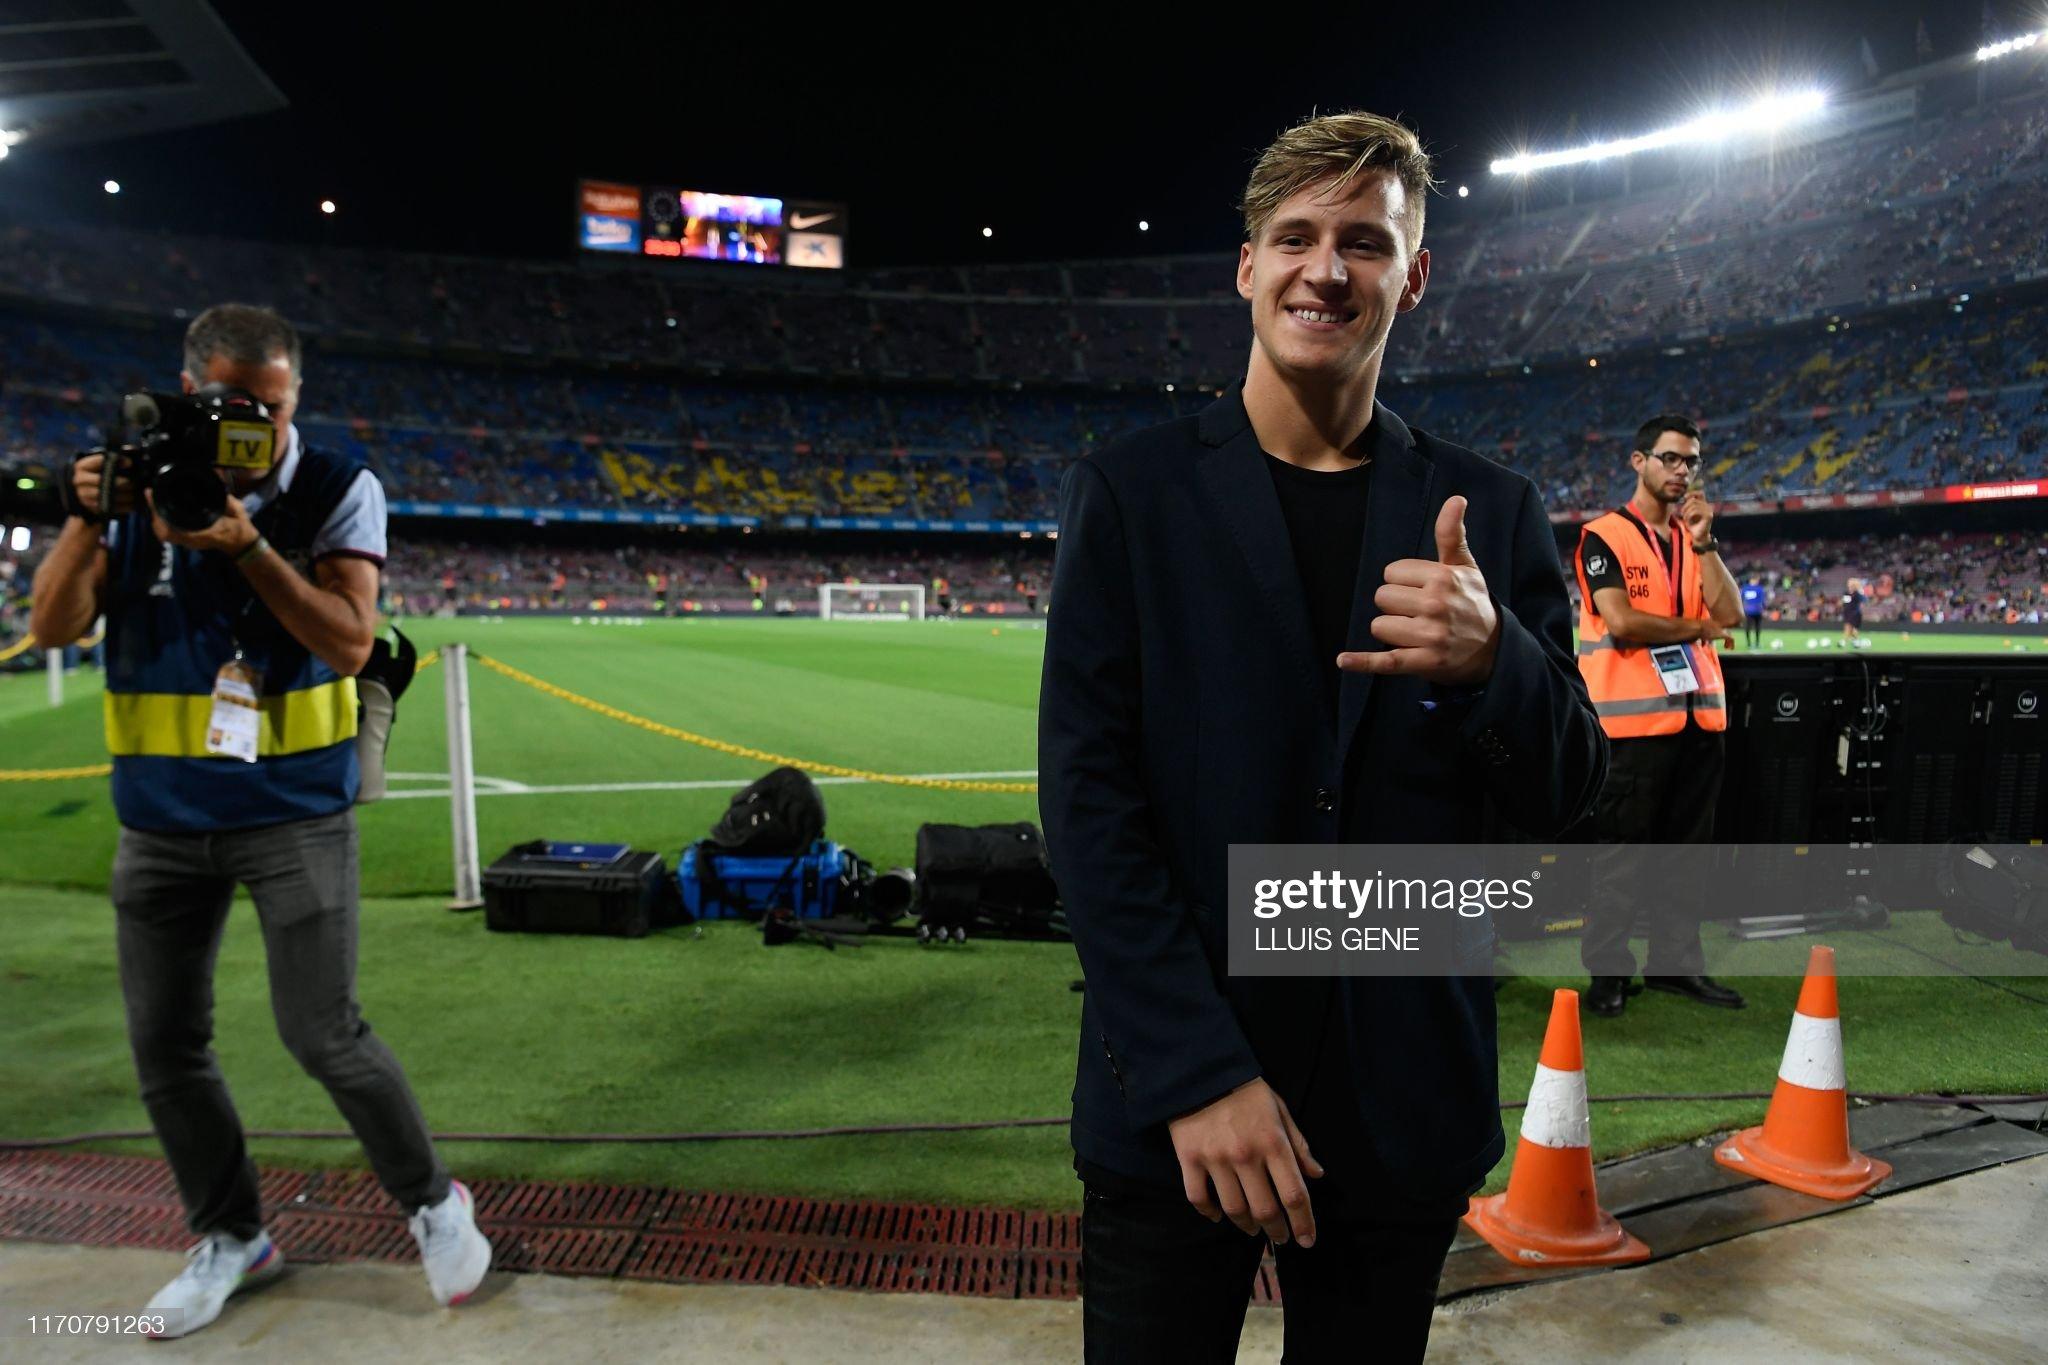 صور مباراة : برشلونة - فياريال 2-1 ( 24-09-2019 )  French-motogp-rider-fabio-quartararo-poses-prior-to-the-spanish-picture-id1170791263?s=2048x2048